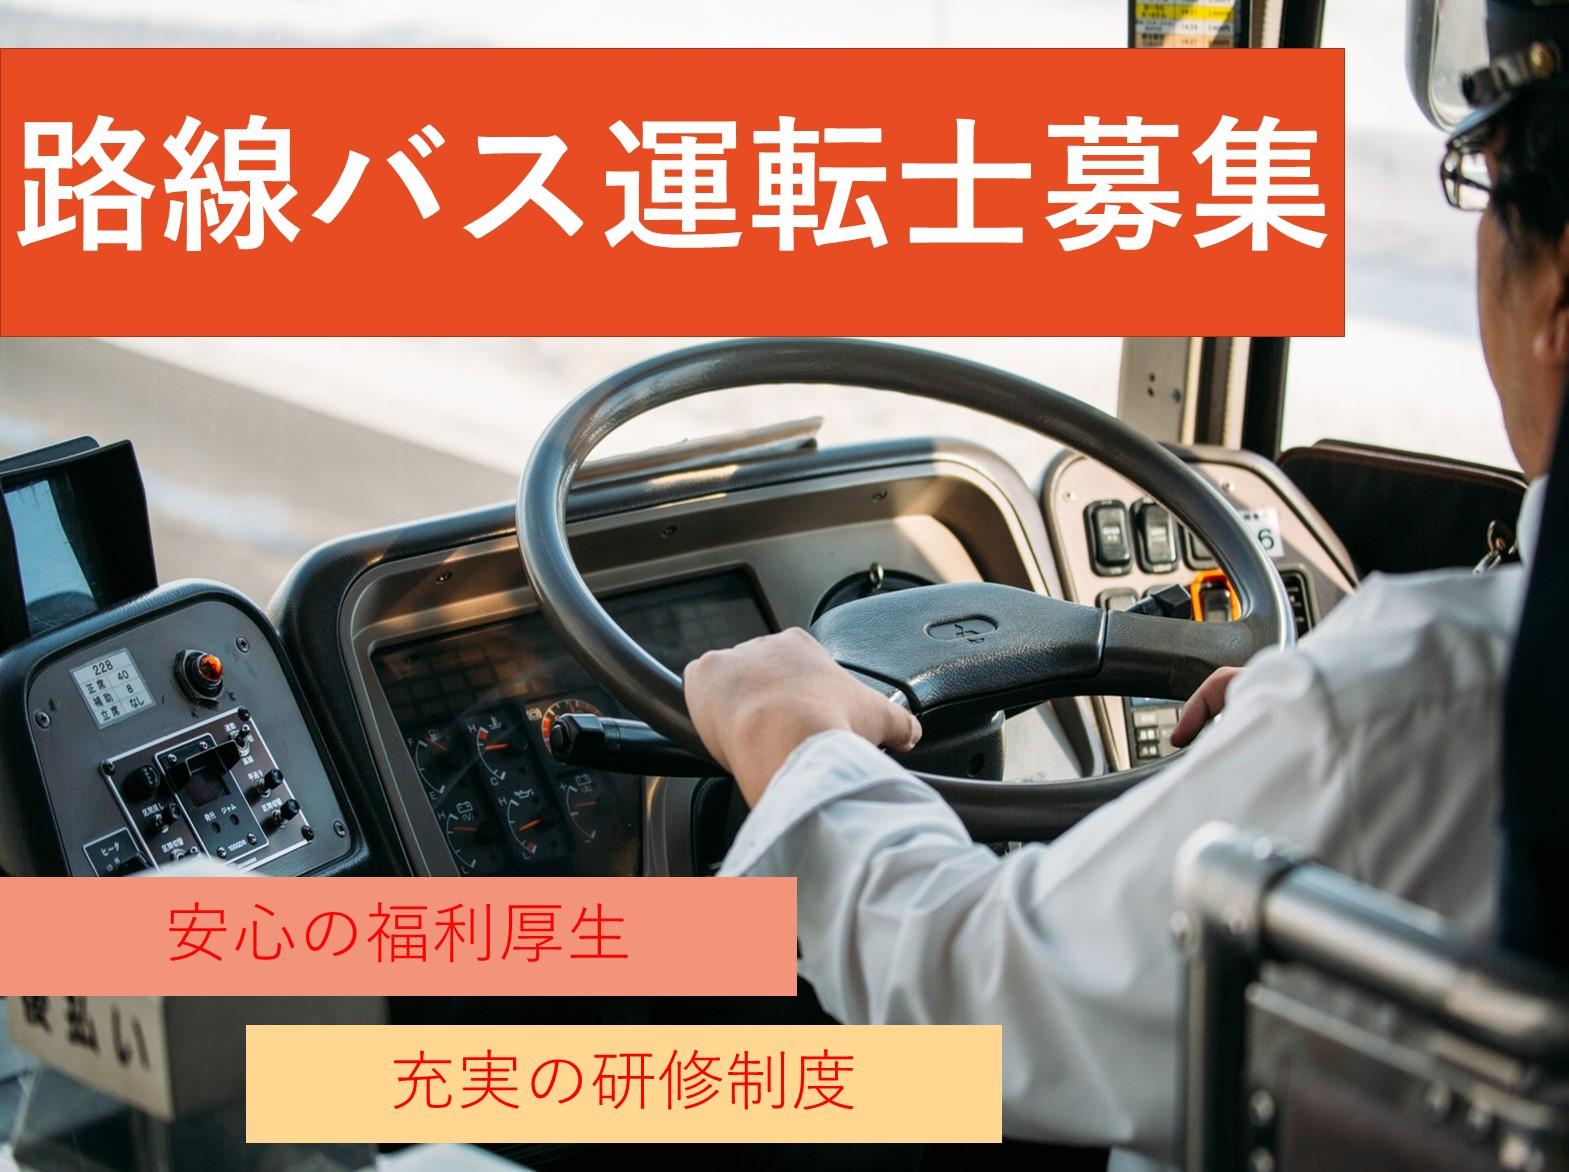 急募【正社員】大手ならでは!充実の福利厚生◎安定感が魅力★路線バスの運転士 イメージ